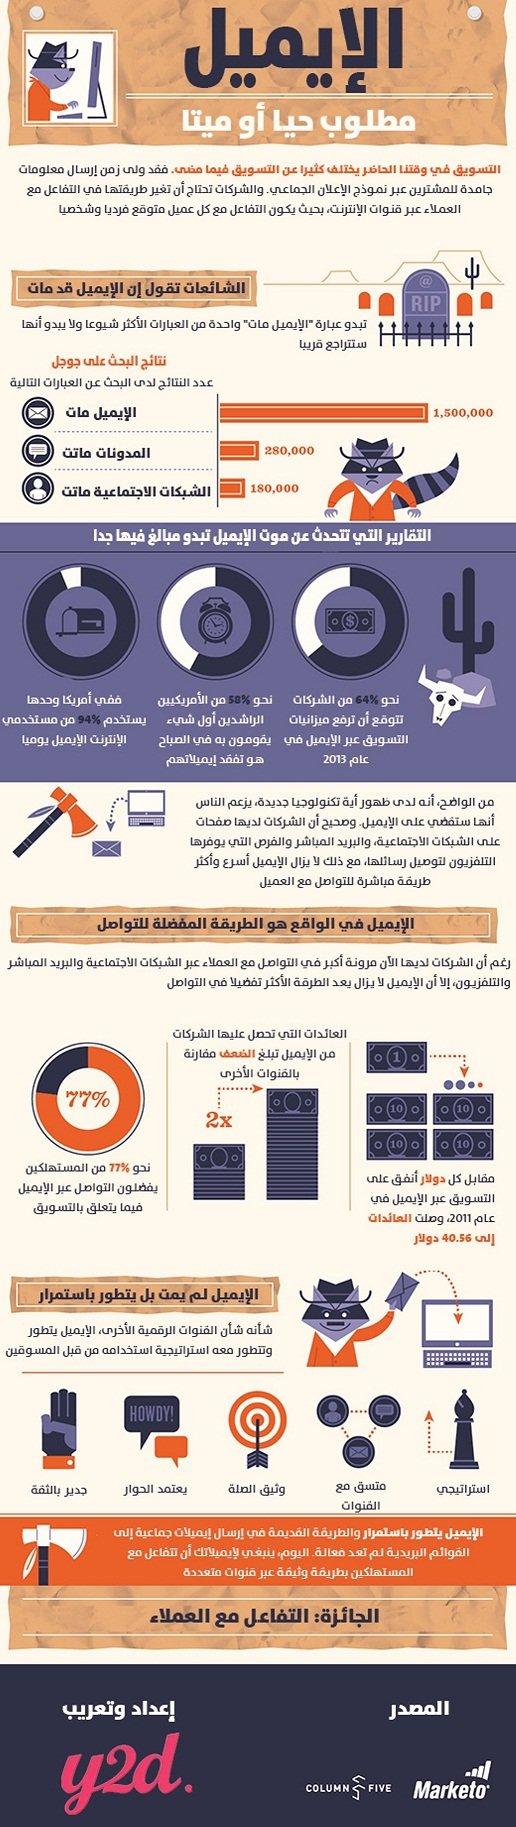 هل مات البريد الإلكتروني؟ #انفوغراف #معلومات #تكنولوجيا #انفوجرافيك #انفوجرافيك_عربي